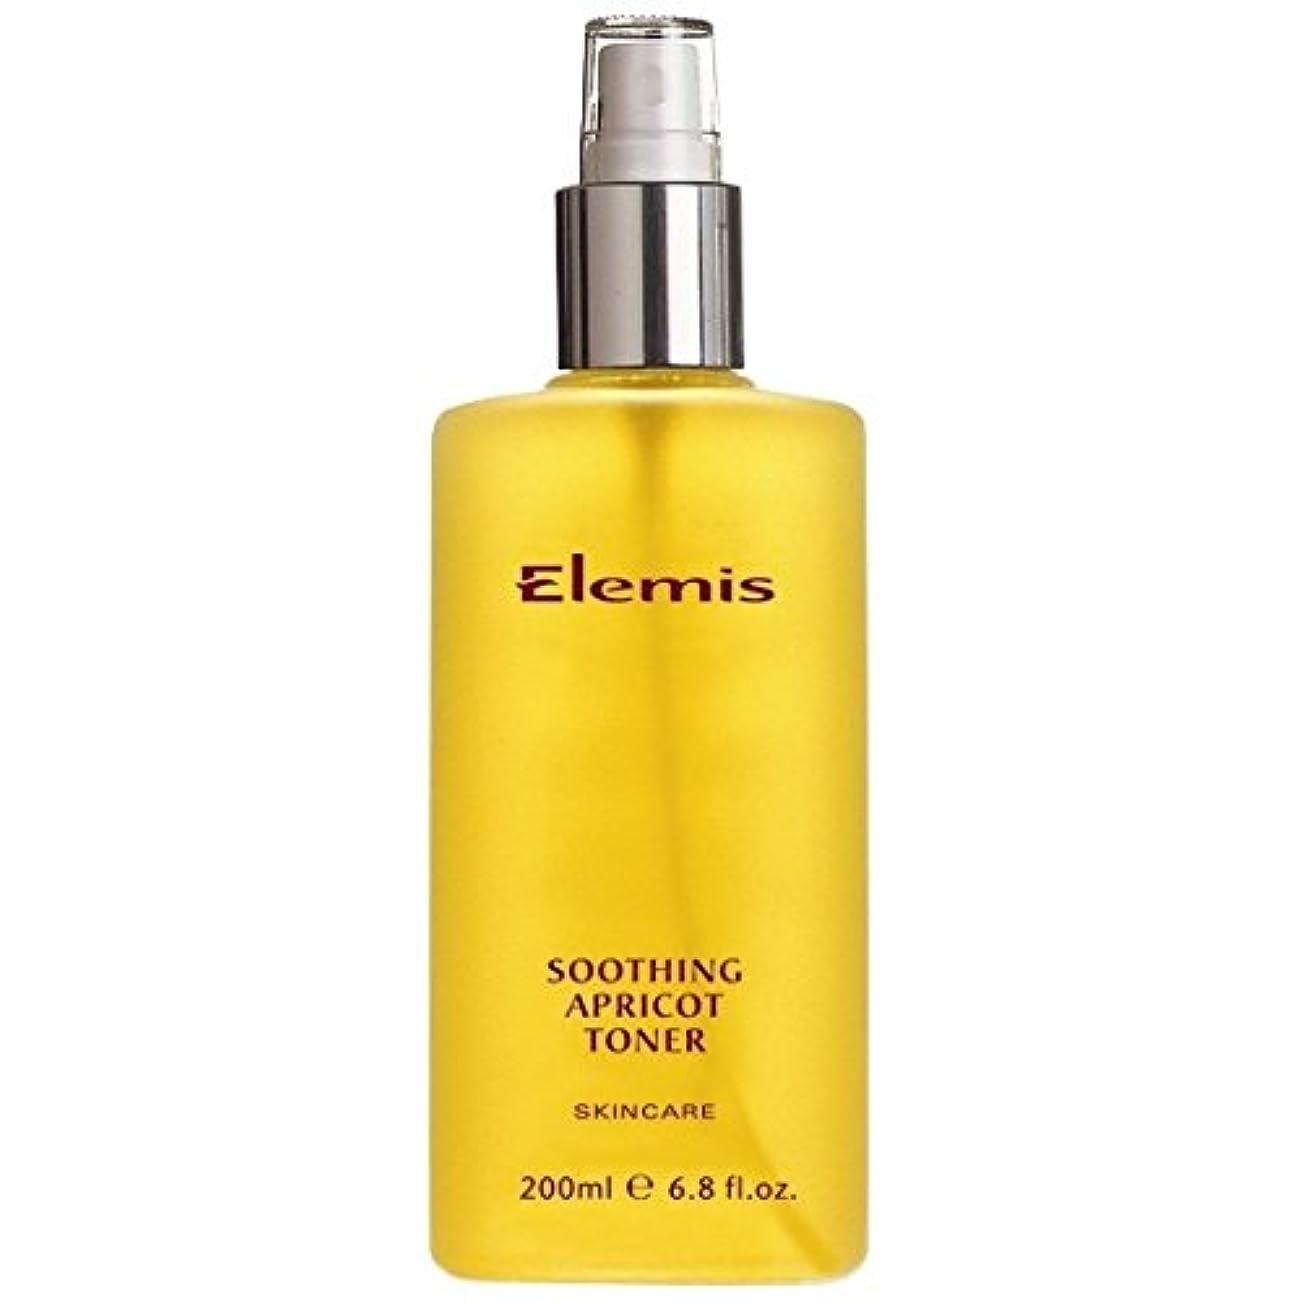 不規則性大量発明エレミスはなだめるようなアプリコットトナーをスキンケア (Elemis) (x2) - Elemis Skincare Soothing Apricot Toner (Pack of 2) [並行輸入品]